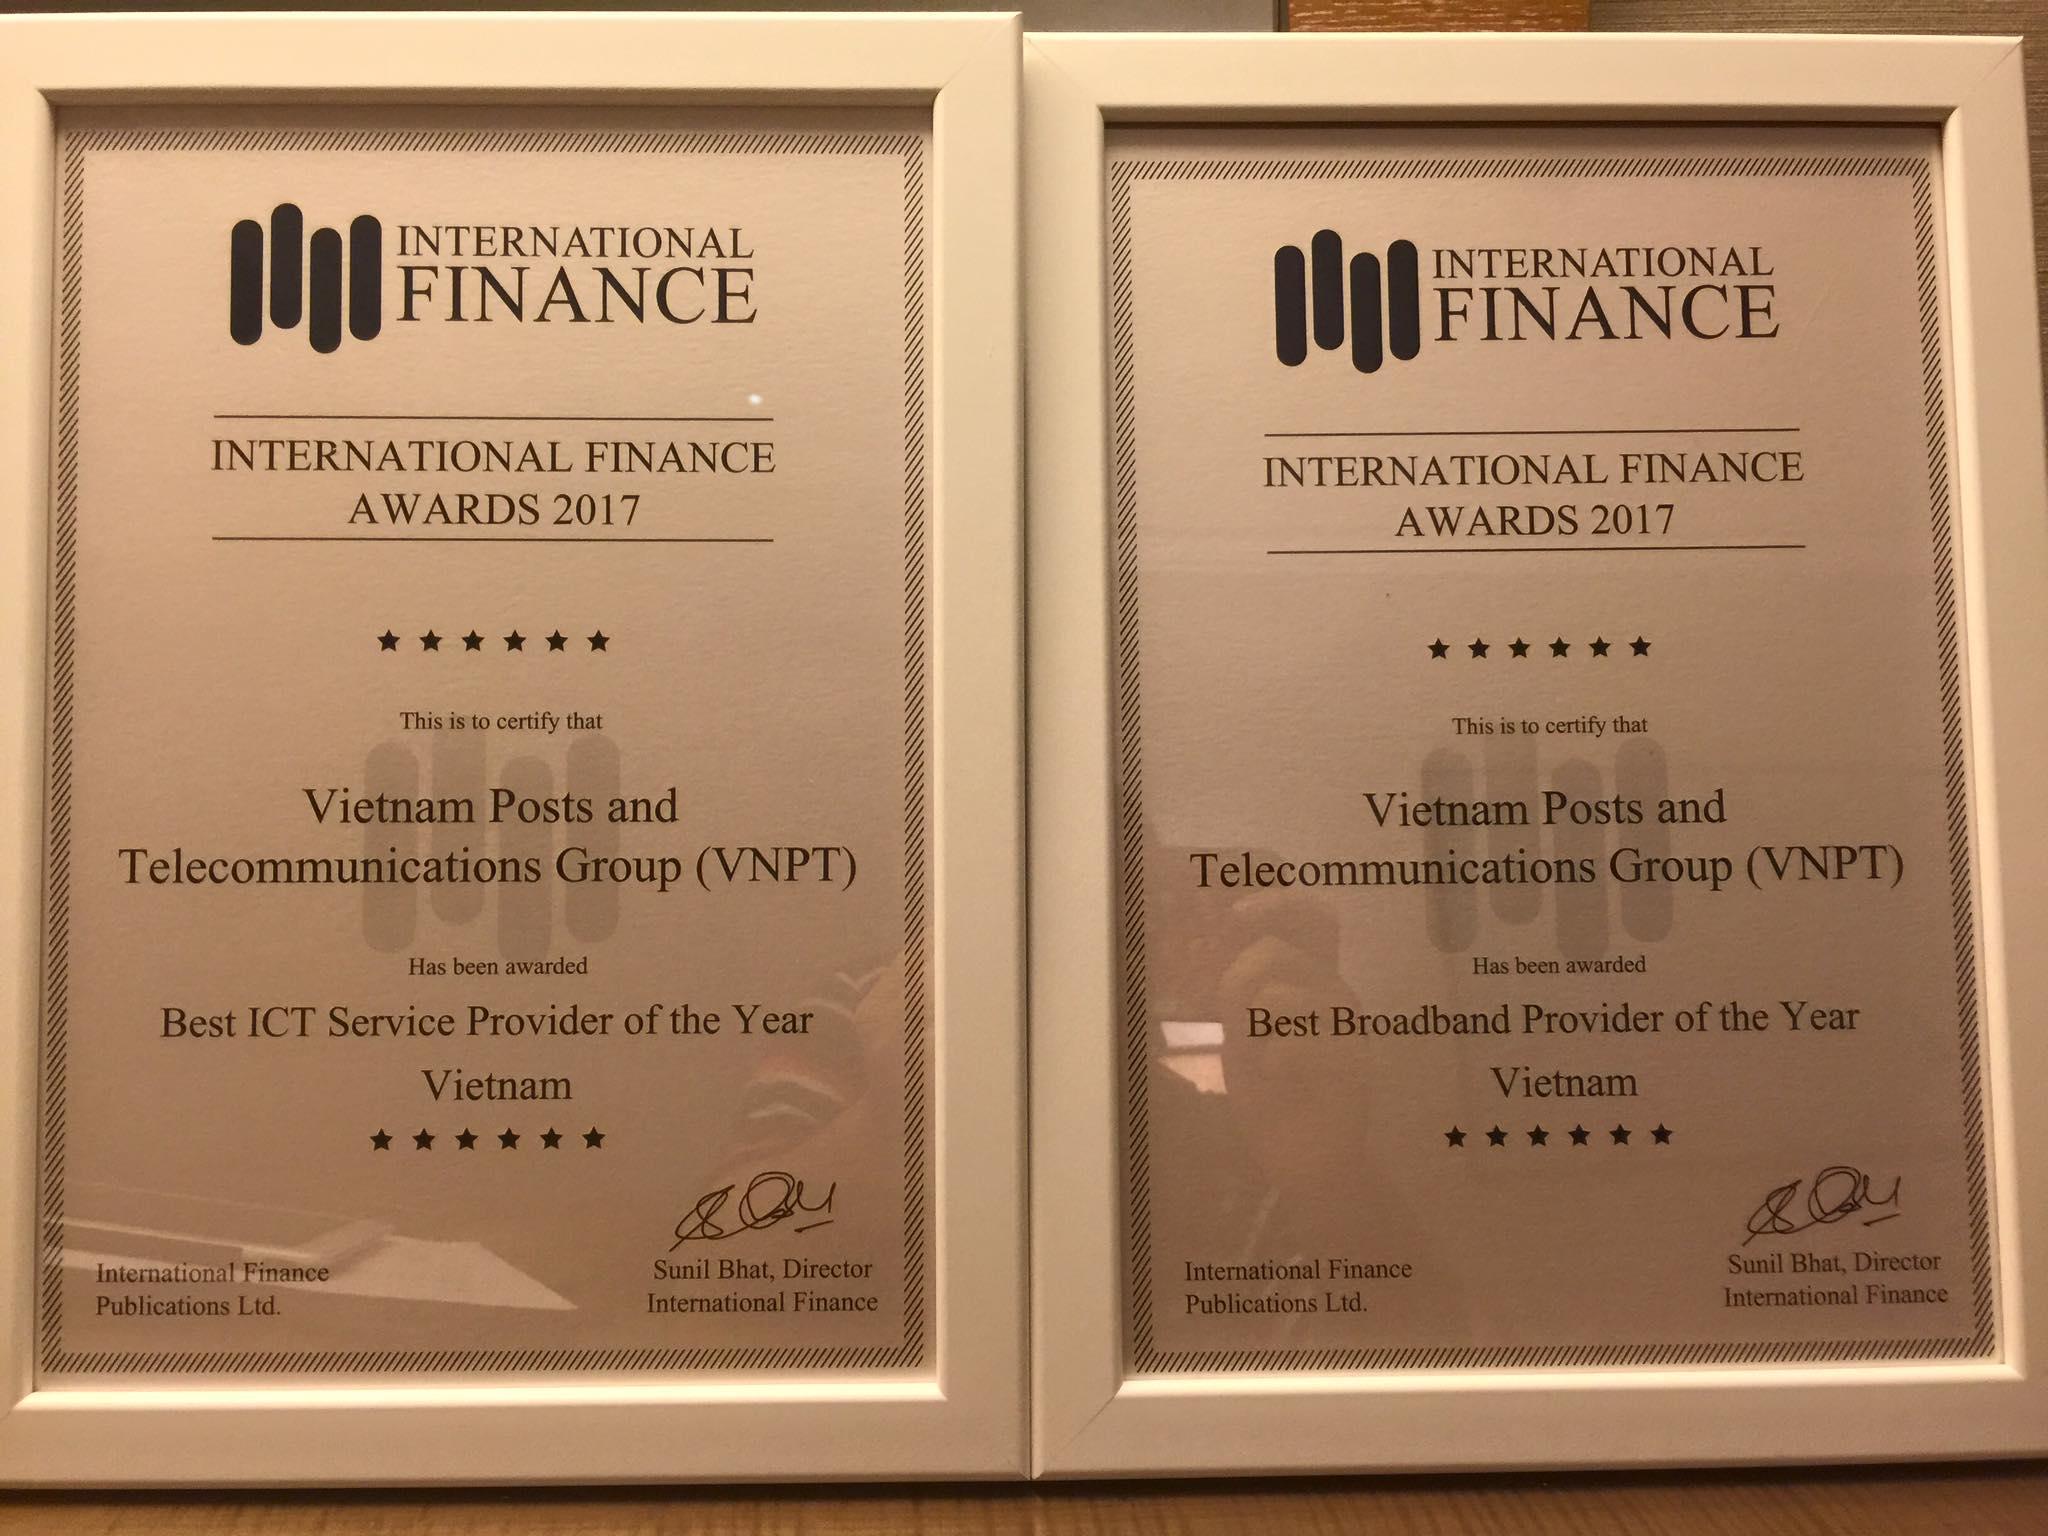 VNPT là nhà cung cấp băng rộng và các dịch vụ ICT tốt nhất Việt Nam 2017